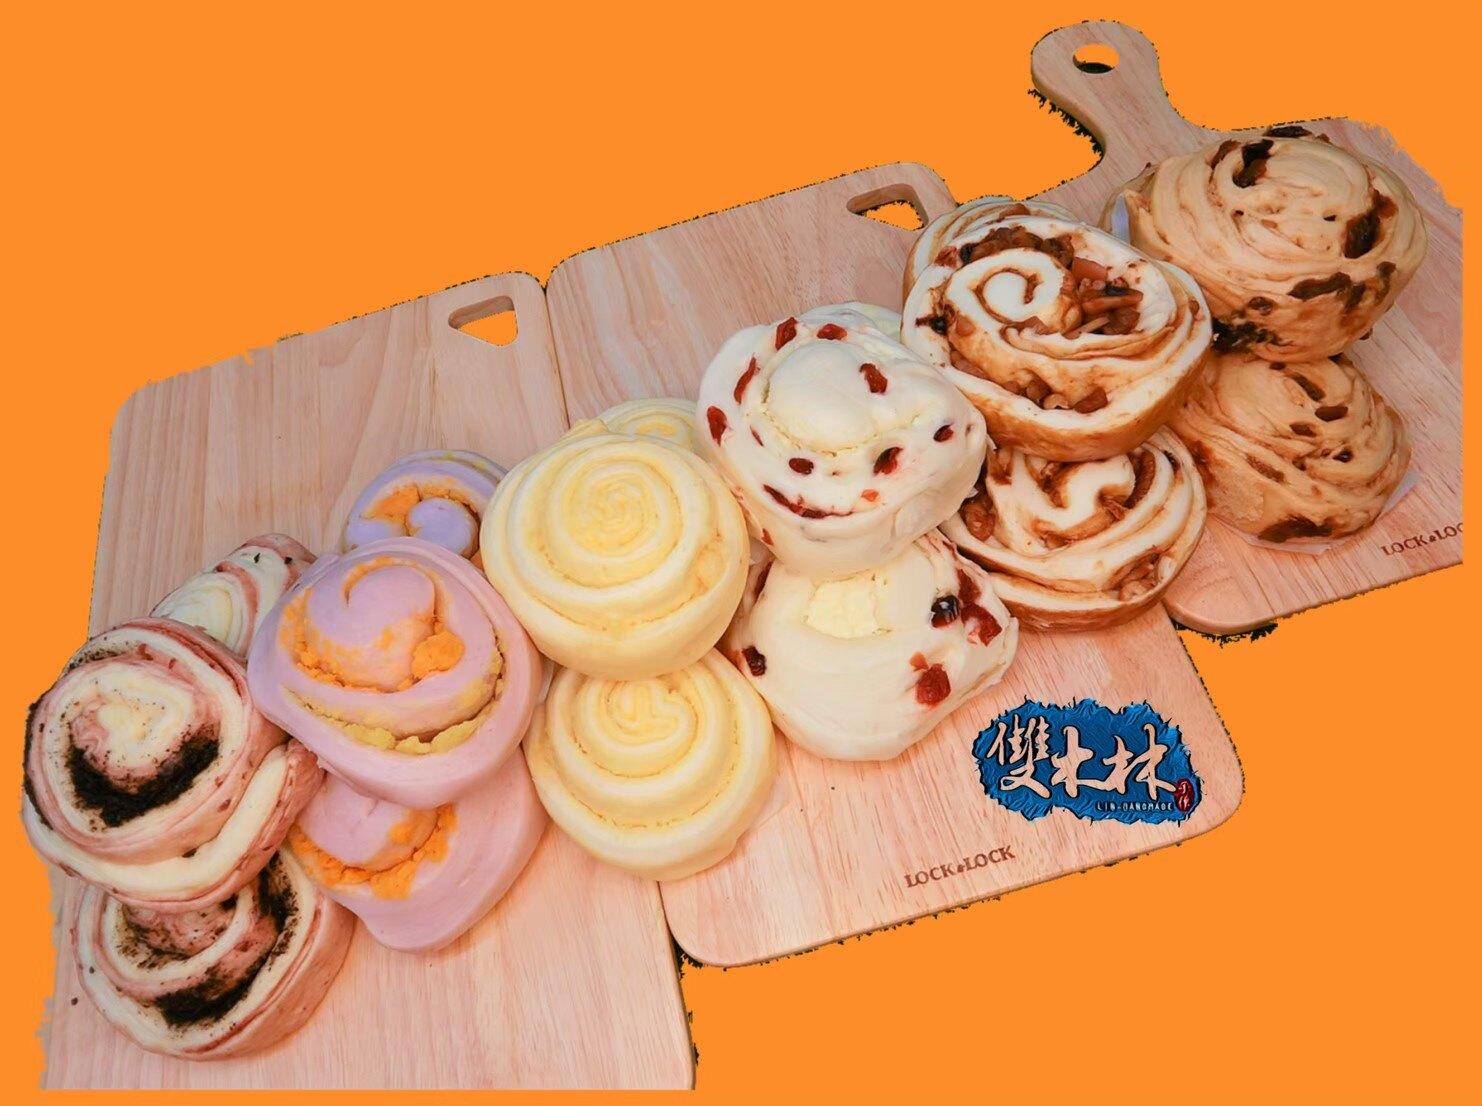 綜合小饅頭(鮮奶、黑糖、芋頭 各4入)共12入-手作饅頭 宵夜 早餐 點心